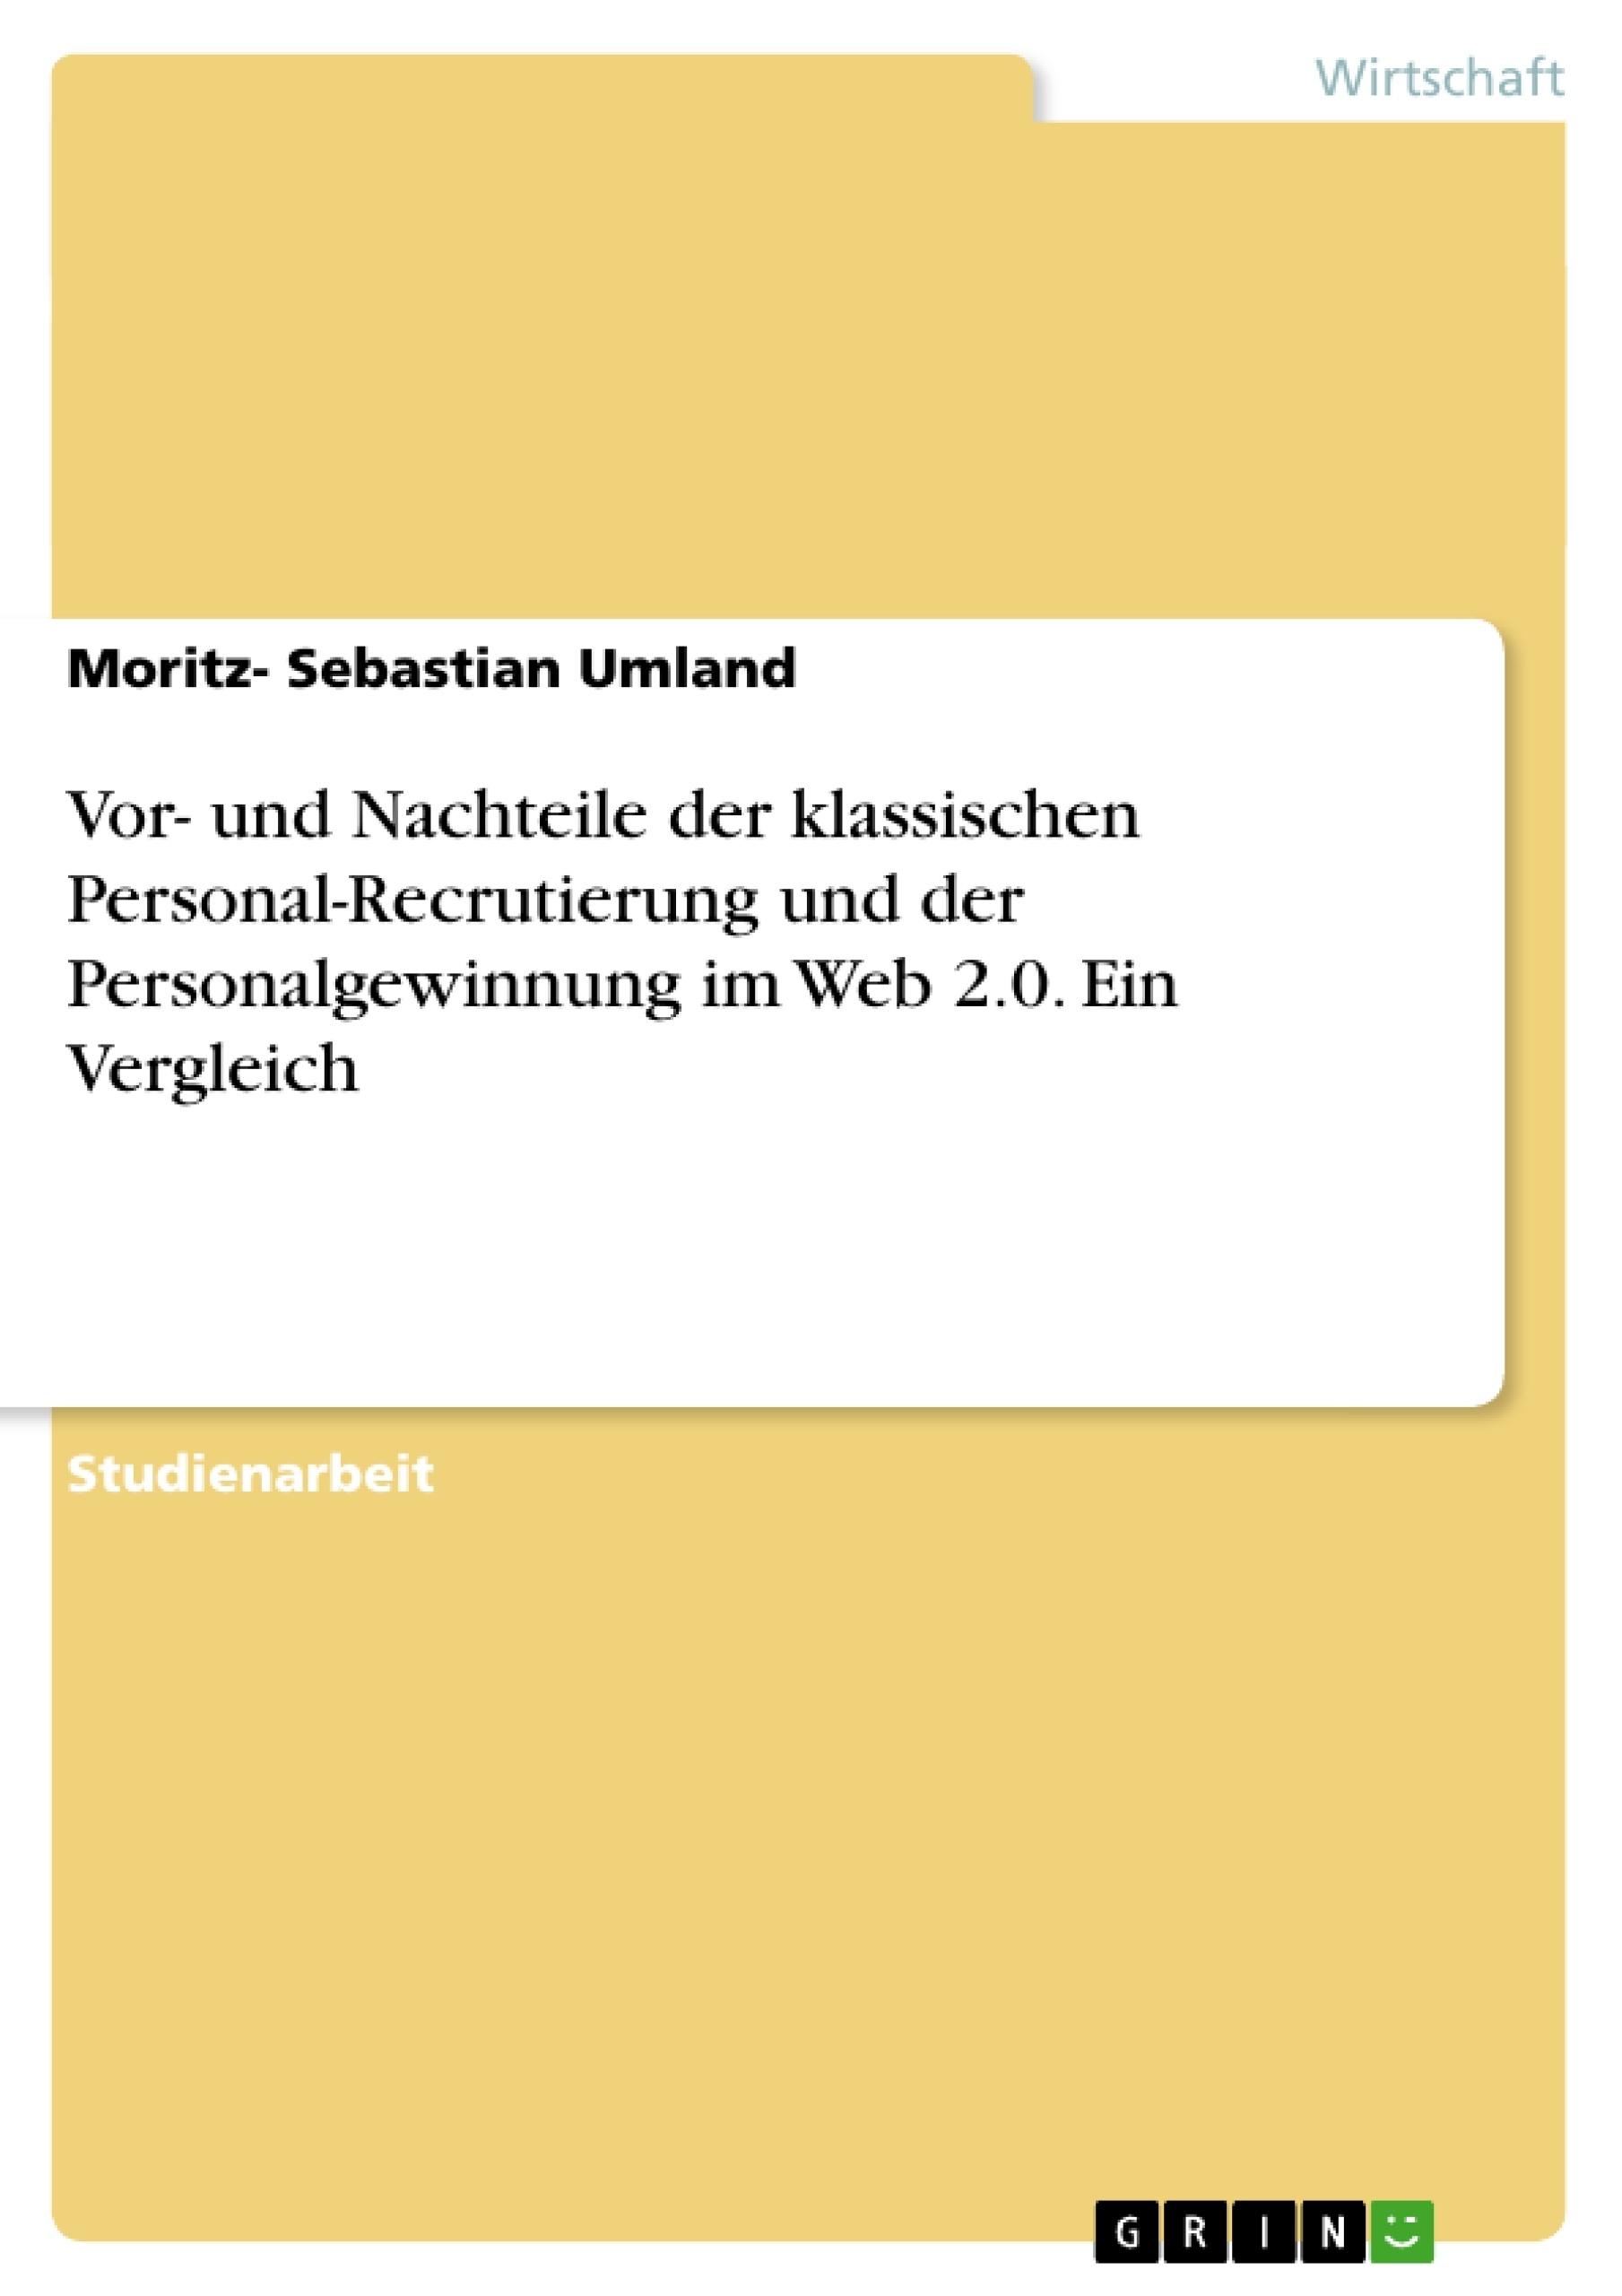 Titel: Vor- und Nachteile der klassischen Personal-Recrutierung und der Personalgewinnung im Web 2.0. Ein Vergleich